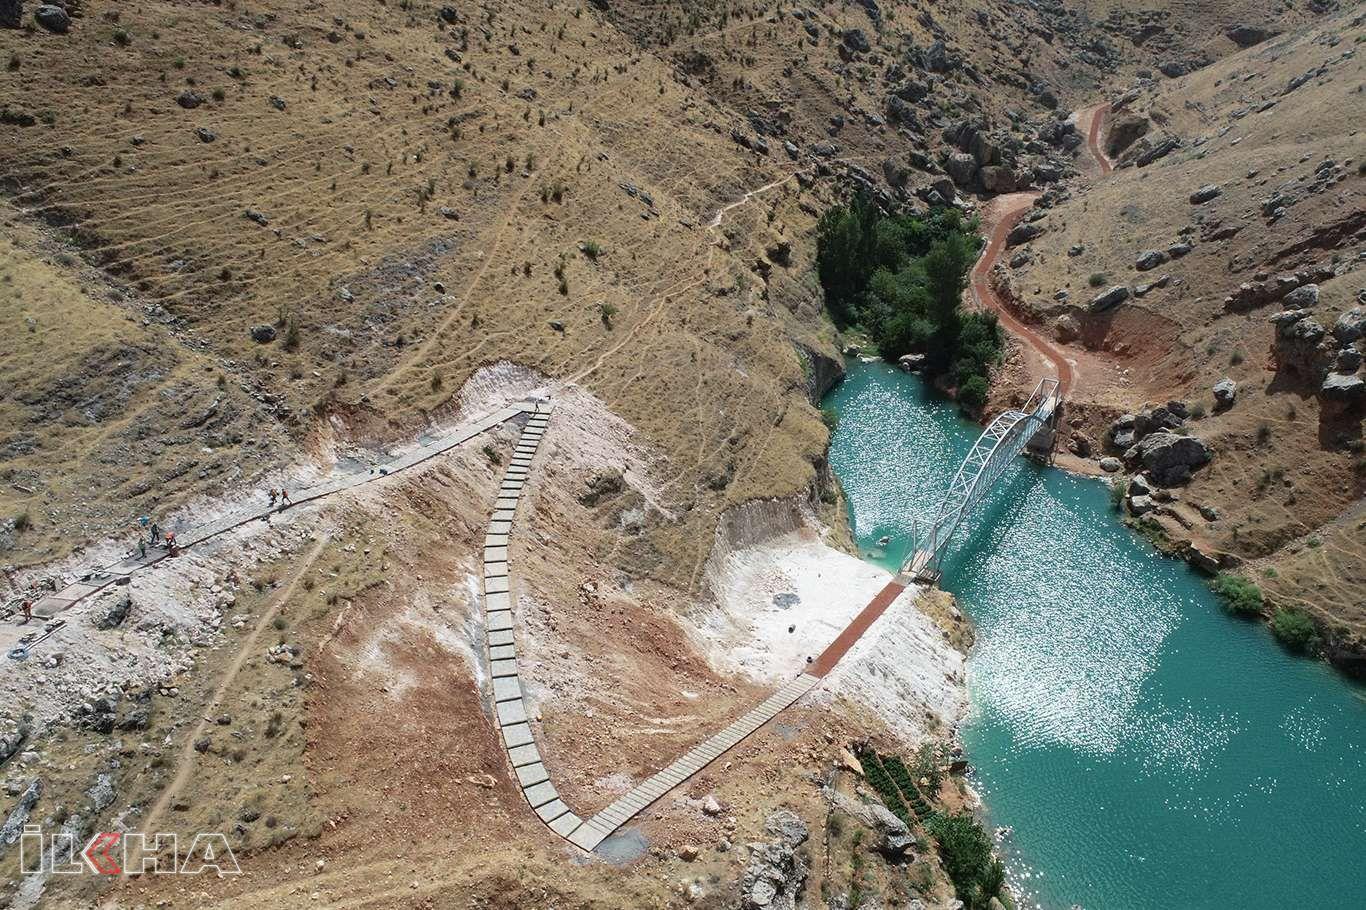 Diyarbakır'ın inanç destinasyonu Eğil'de çevre düzenleme çalışmaları sürüyor